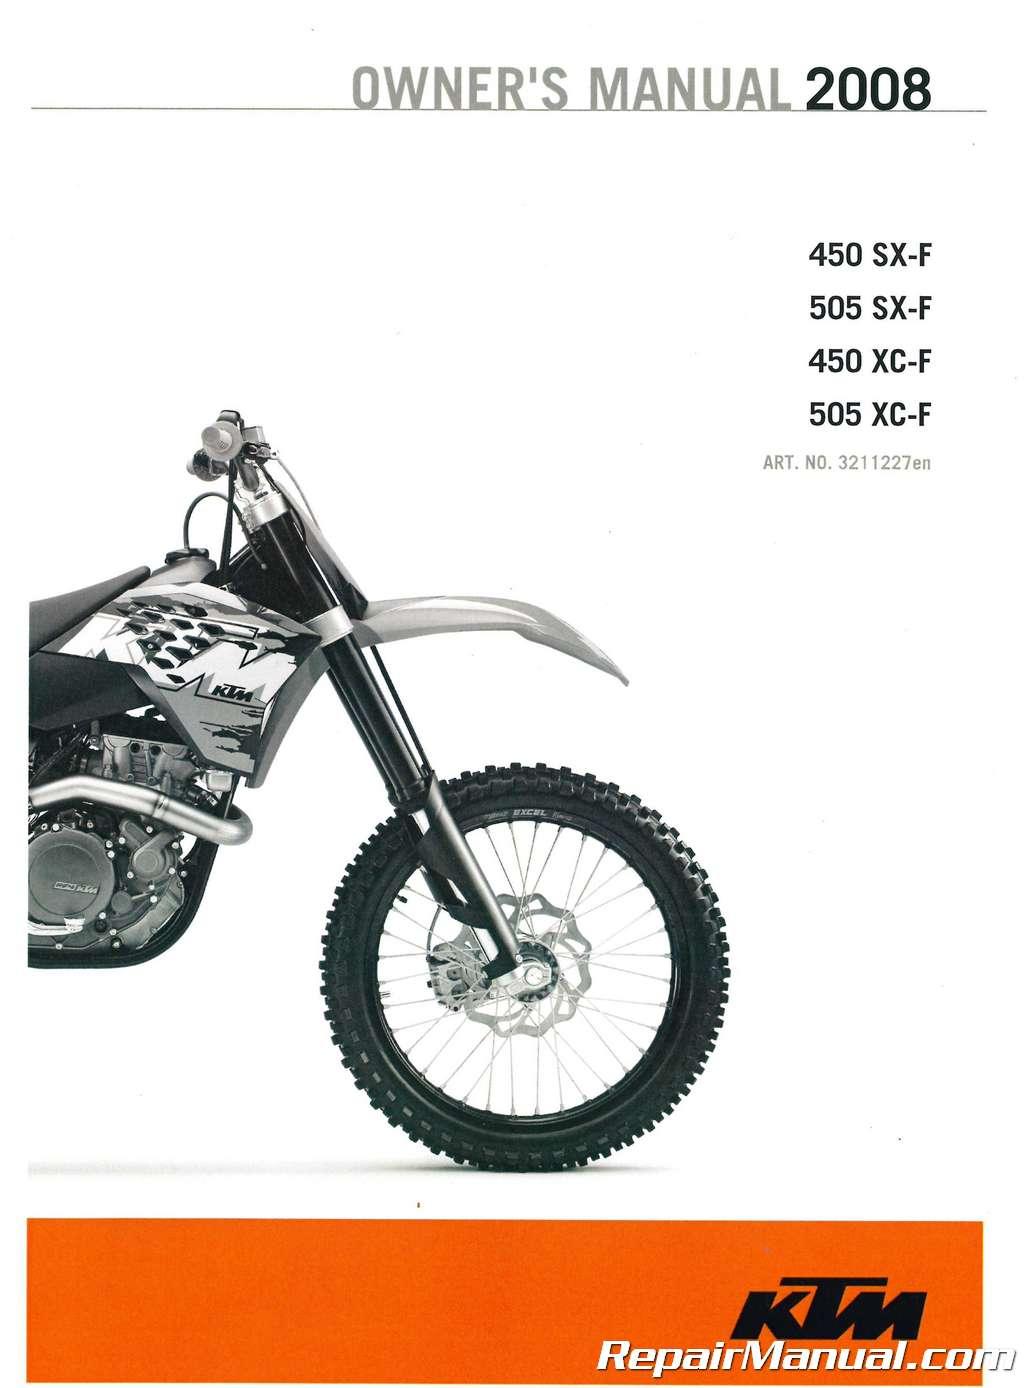 hight resolution of 2008 ktm 450 sx f 450 xc f 505 sx f xc f owners manual paper ktm 450 sx f wiring diagram